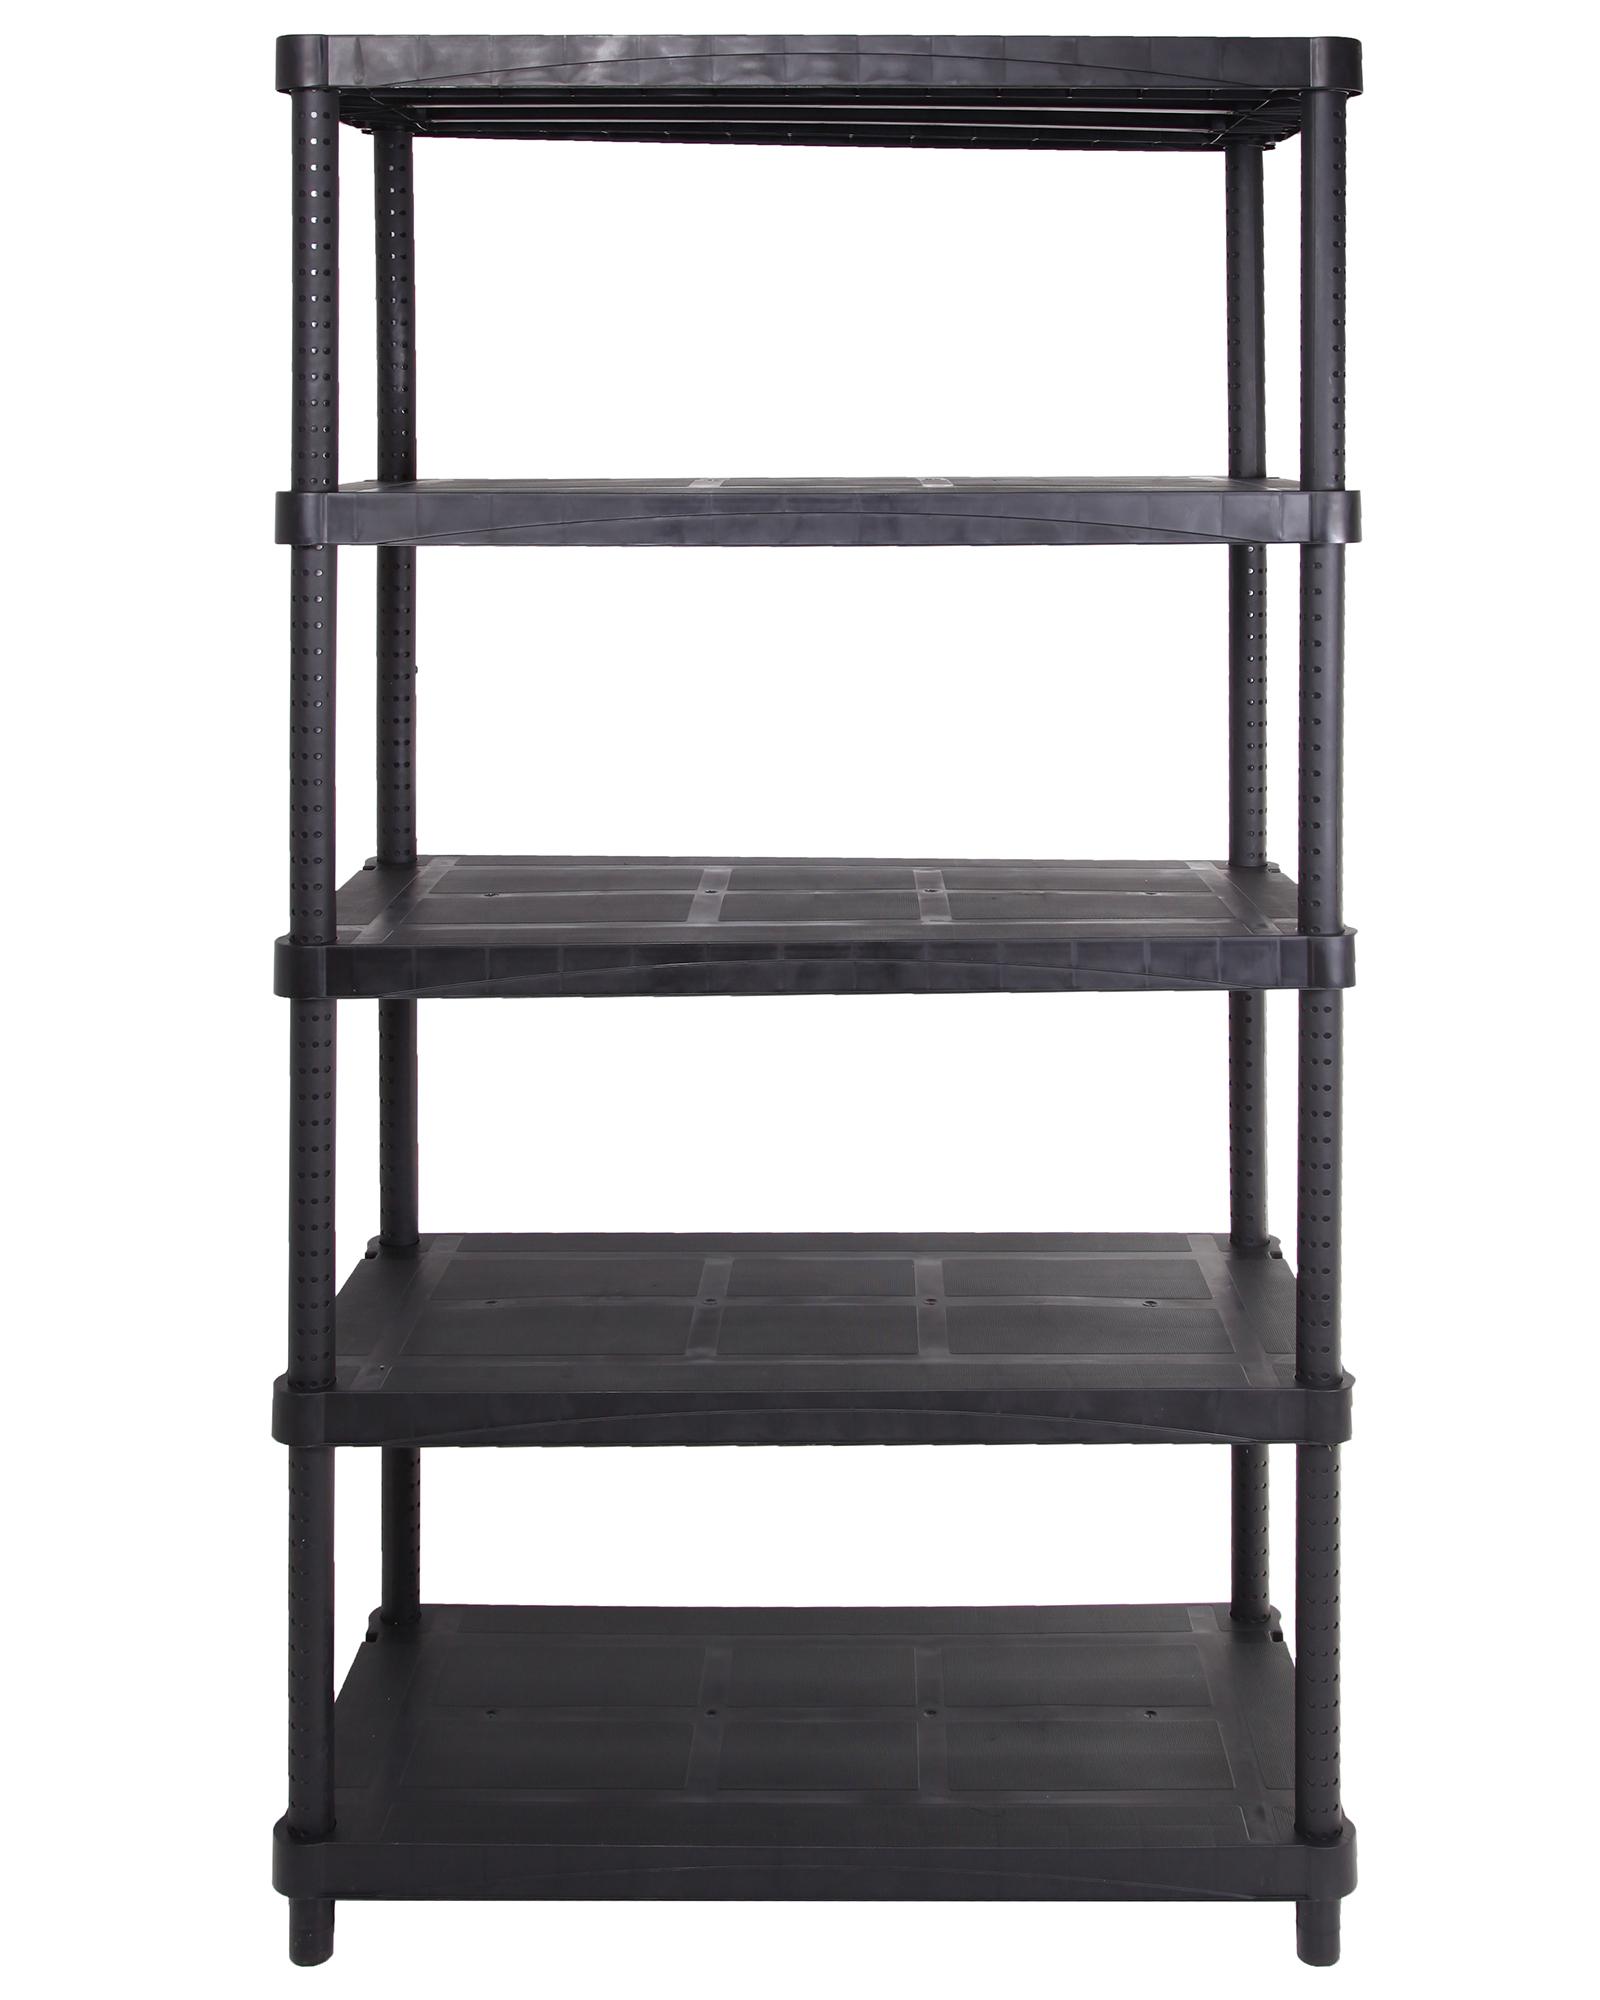 ondis24 kunststoffregal steckregal xl 90 x 60 g nstig online kaufen. Black Bedroom Furniture Sets. Home Design Ideas